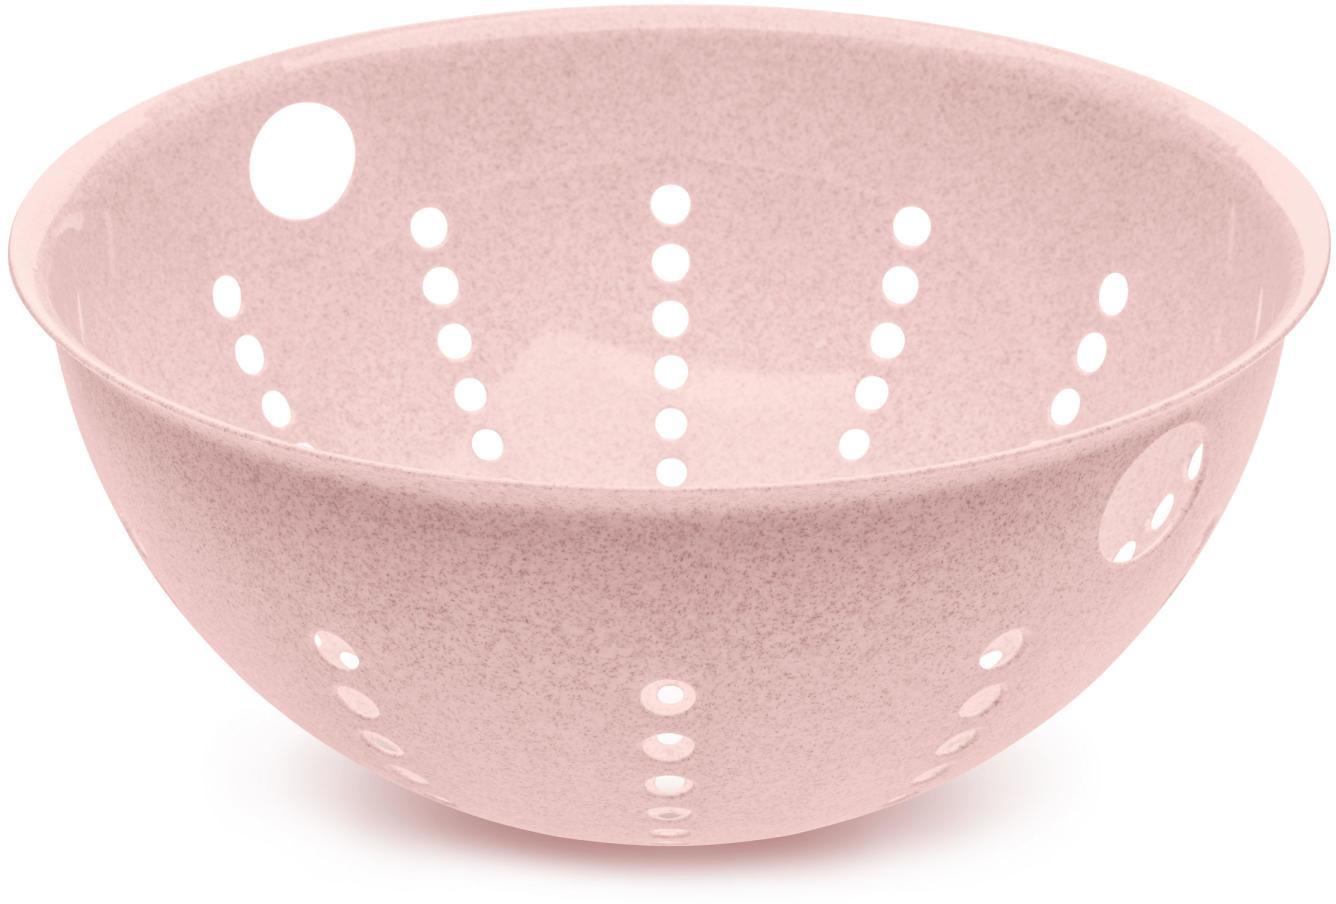 Koziol Palsby L Abtropfsieb Organic Pink, 5 L, 3808669